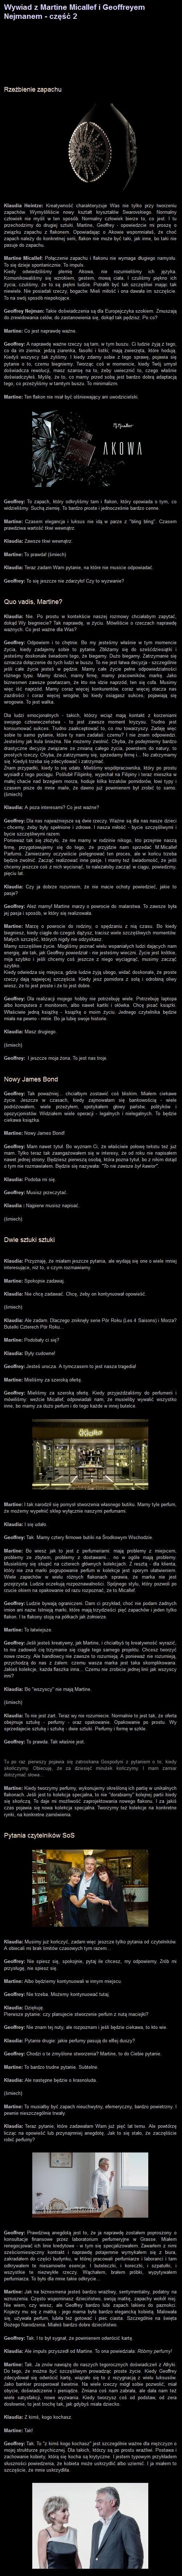 SoS_Wywiad (2)